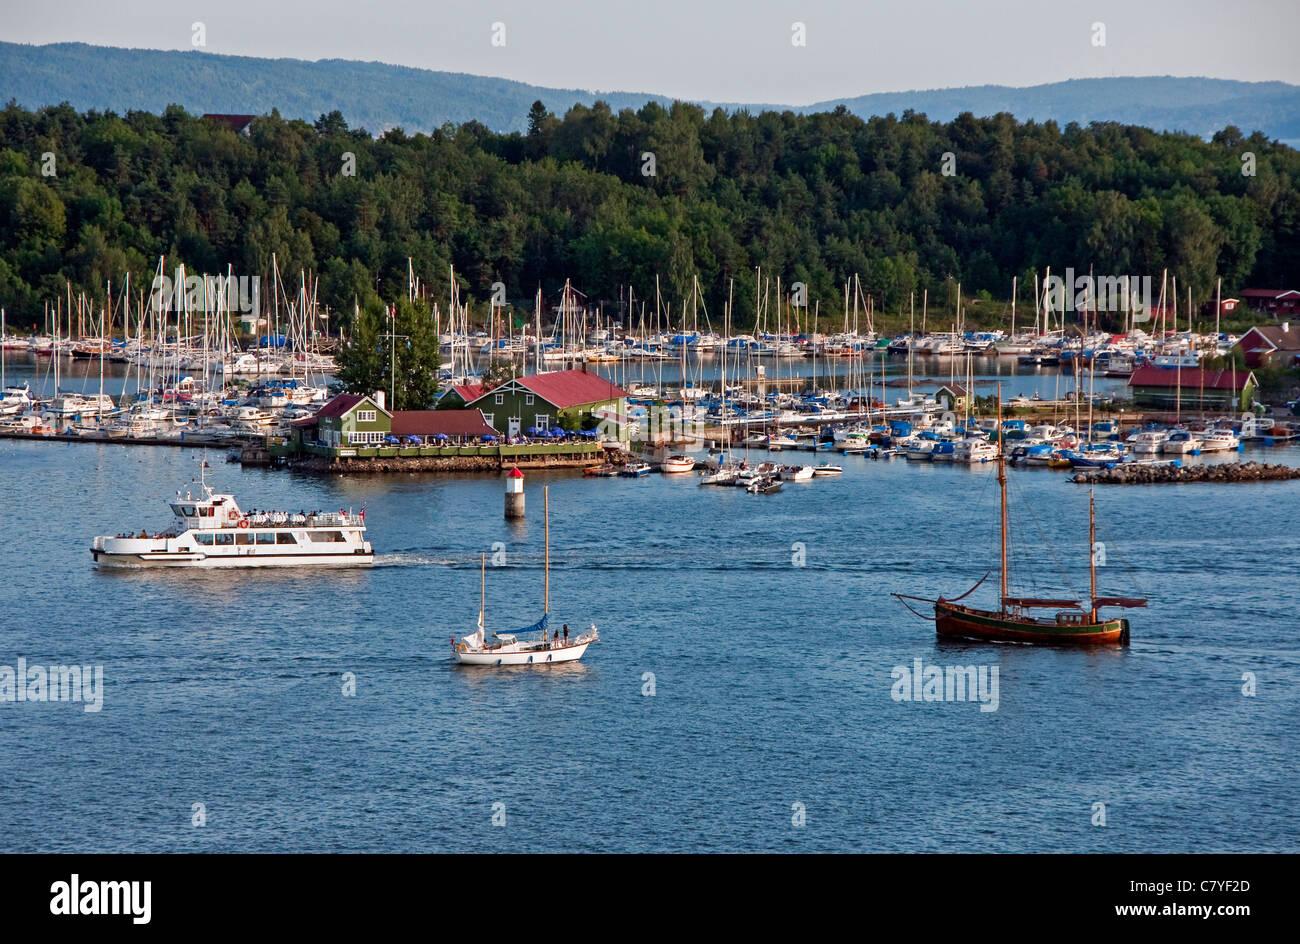 Marina in Oslofjord near Oslo's city harbor - Stock Image